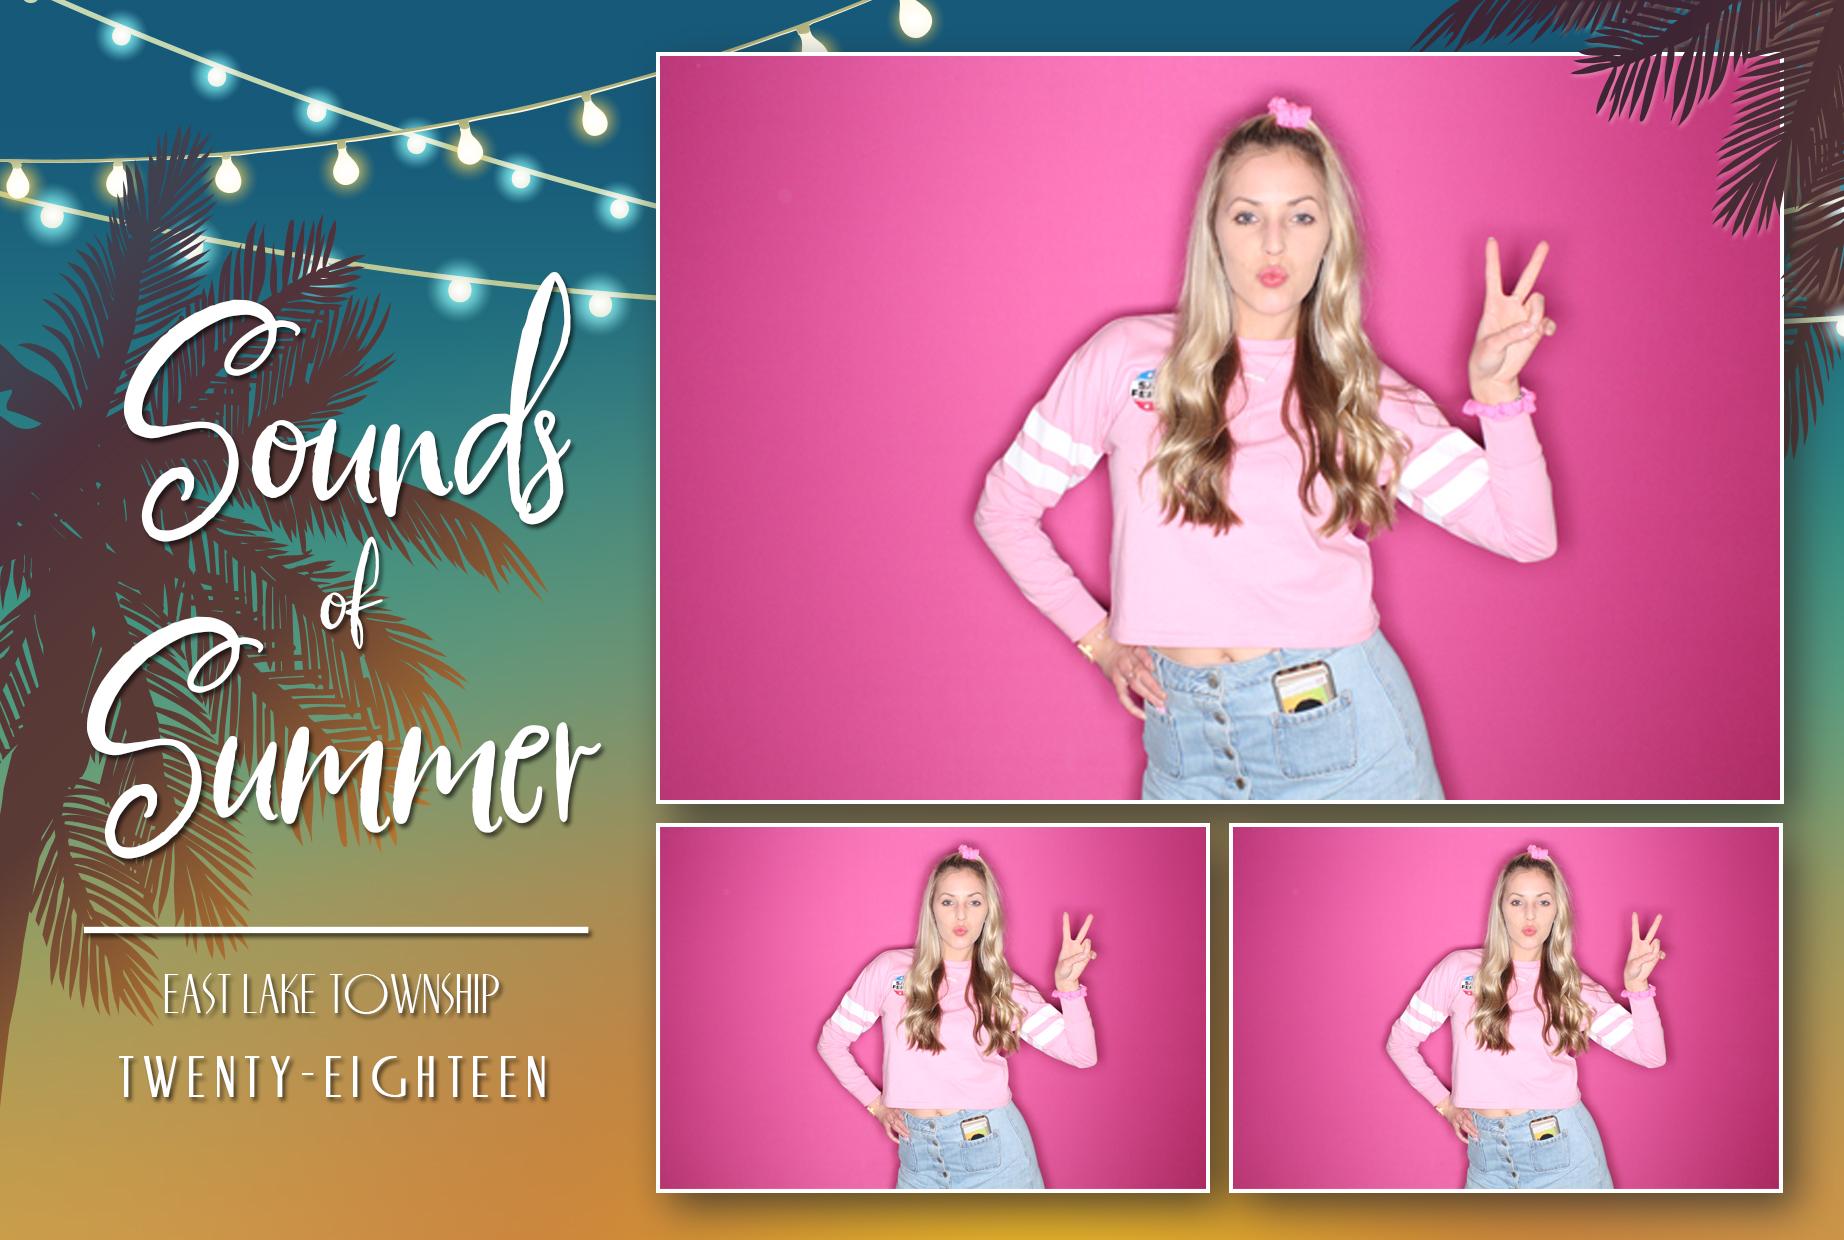 Summer-Nights toronto photobooth template